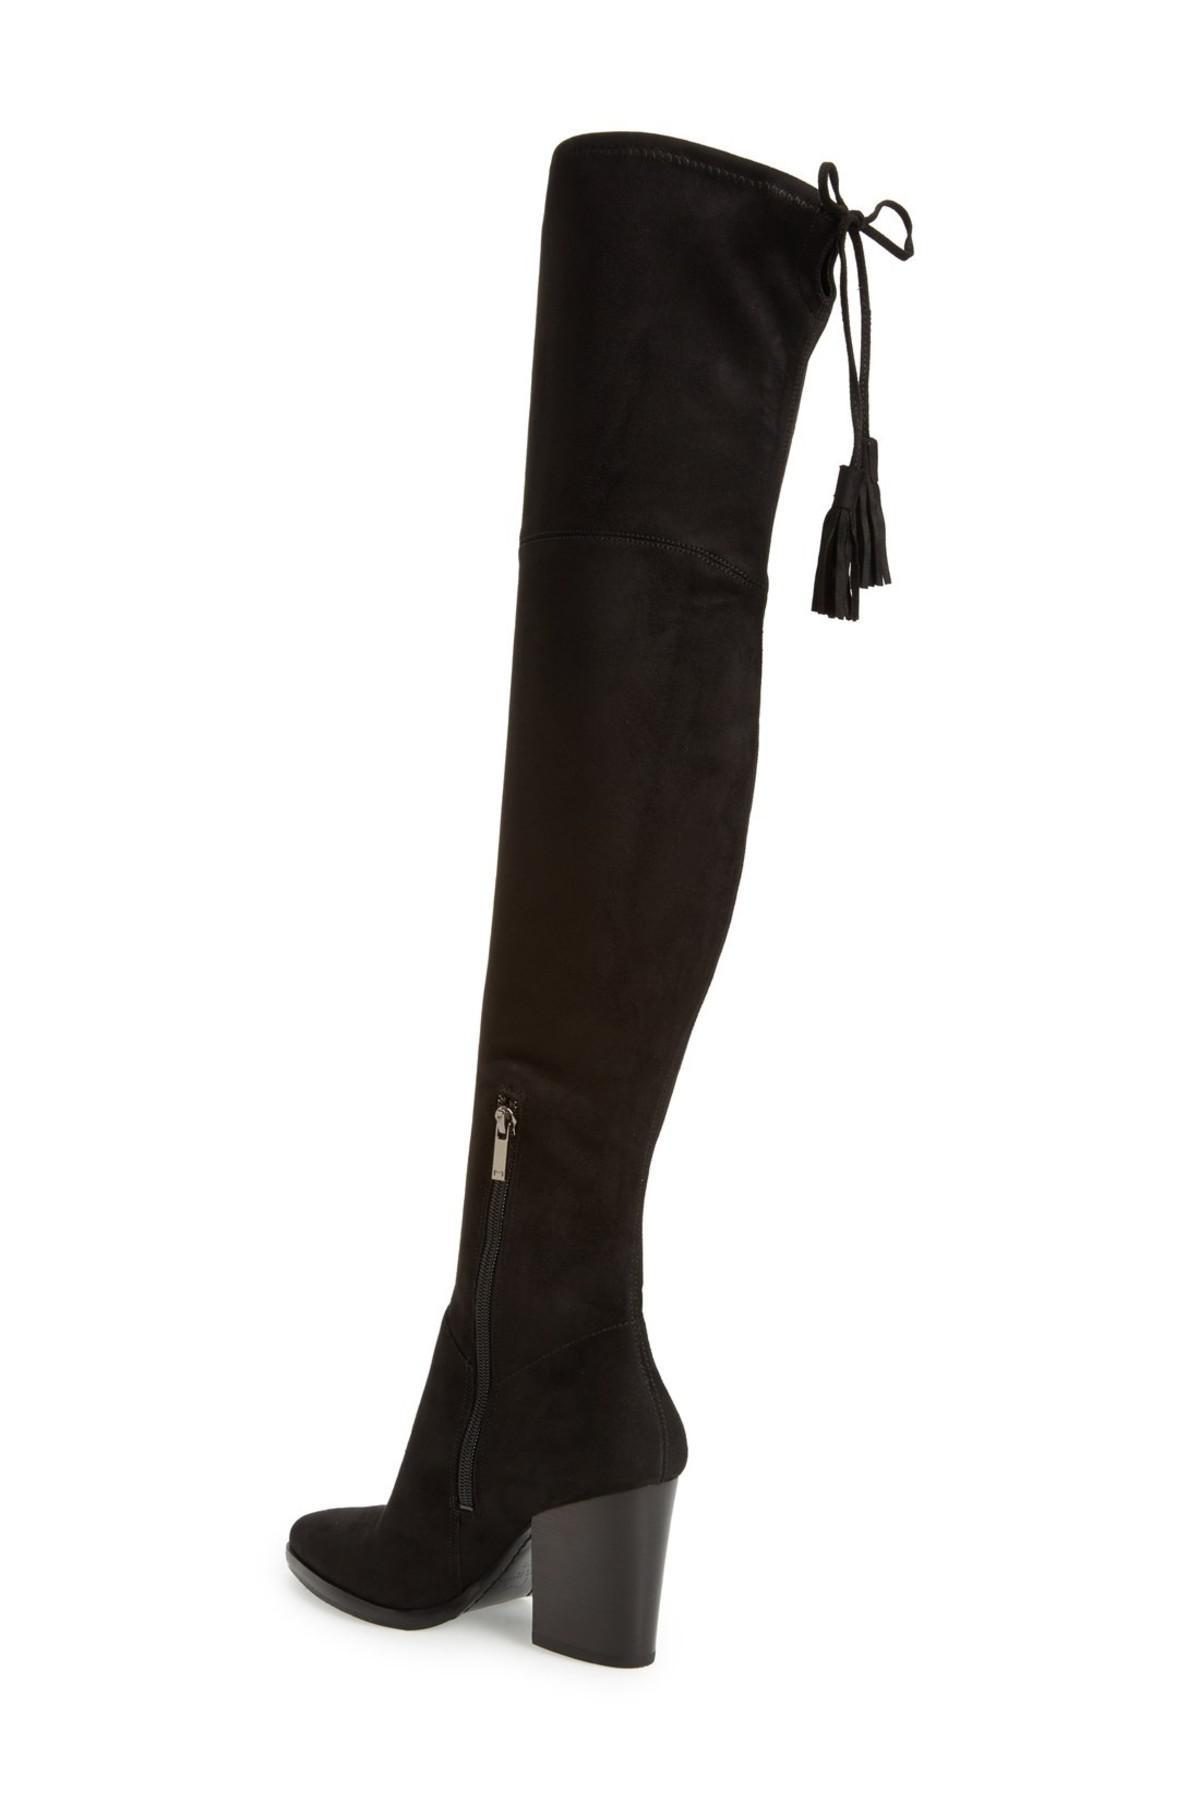 726d72ee4c2 Lyst - Marc Fisher Alinda Over The Knee Boot in Black